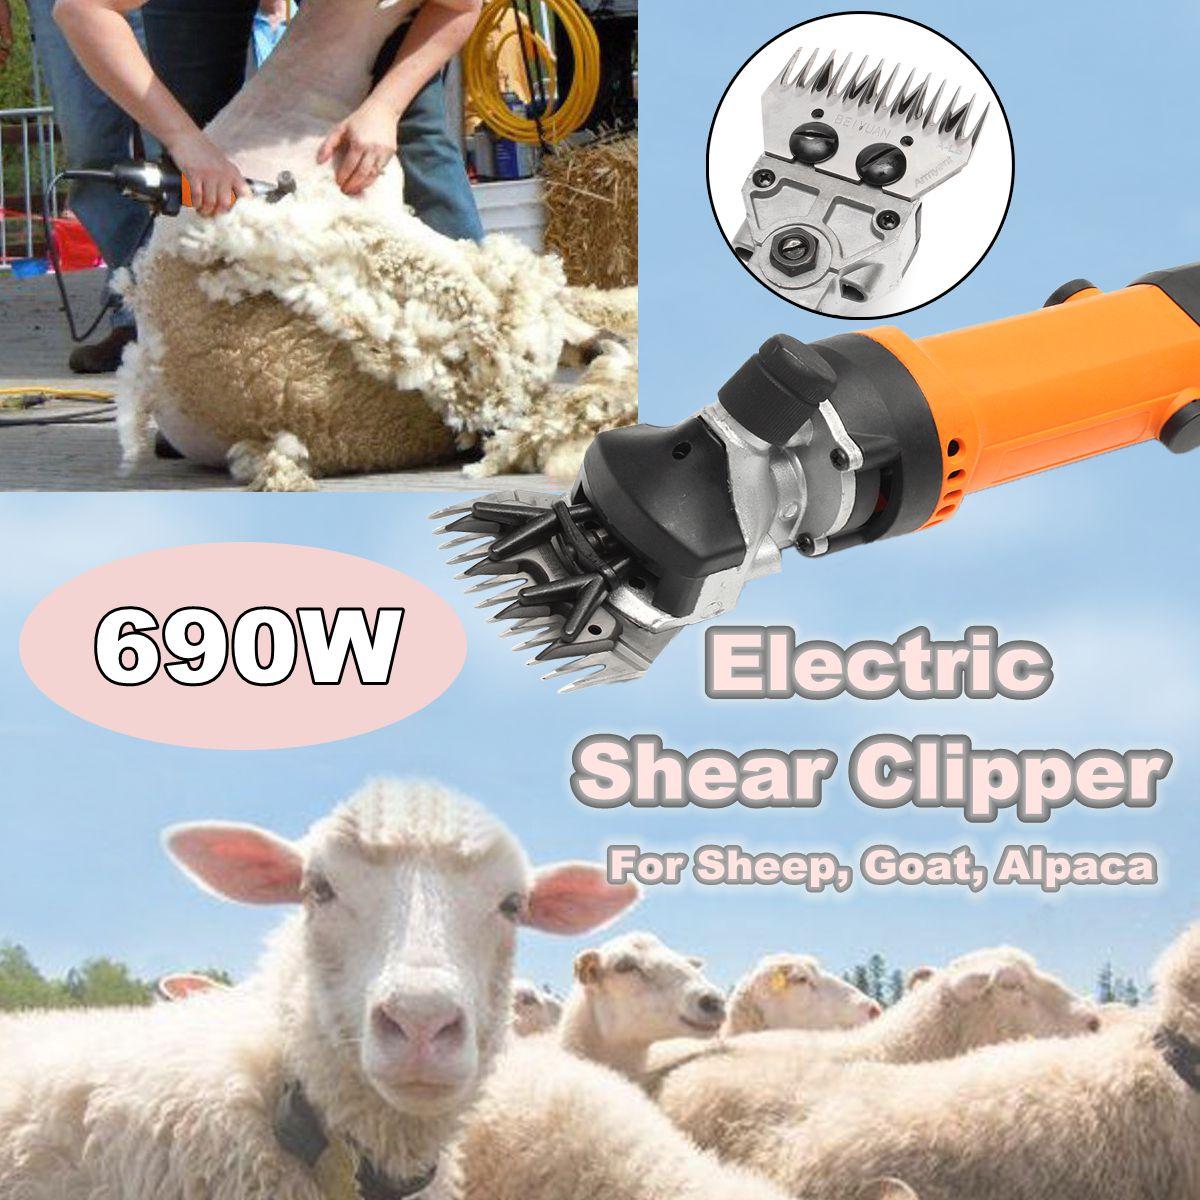 690W Electric Shearing Supplies Clipper 13 teeth Blade Scissors Shear Sheep Goats Alpaca Hair Trimmer Shears Machines Tool